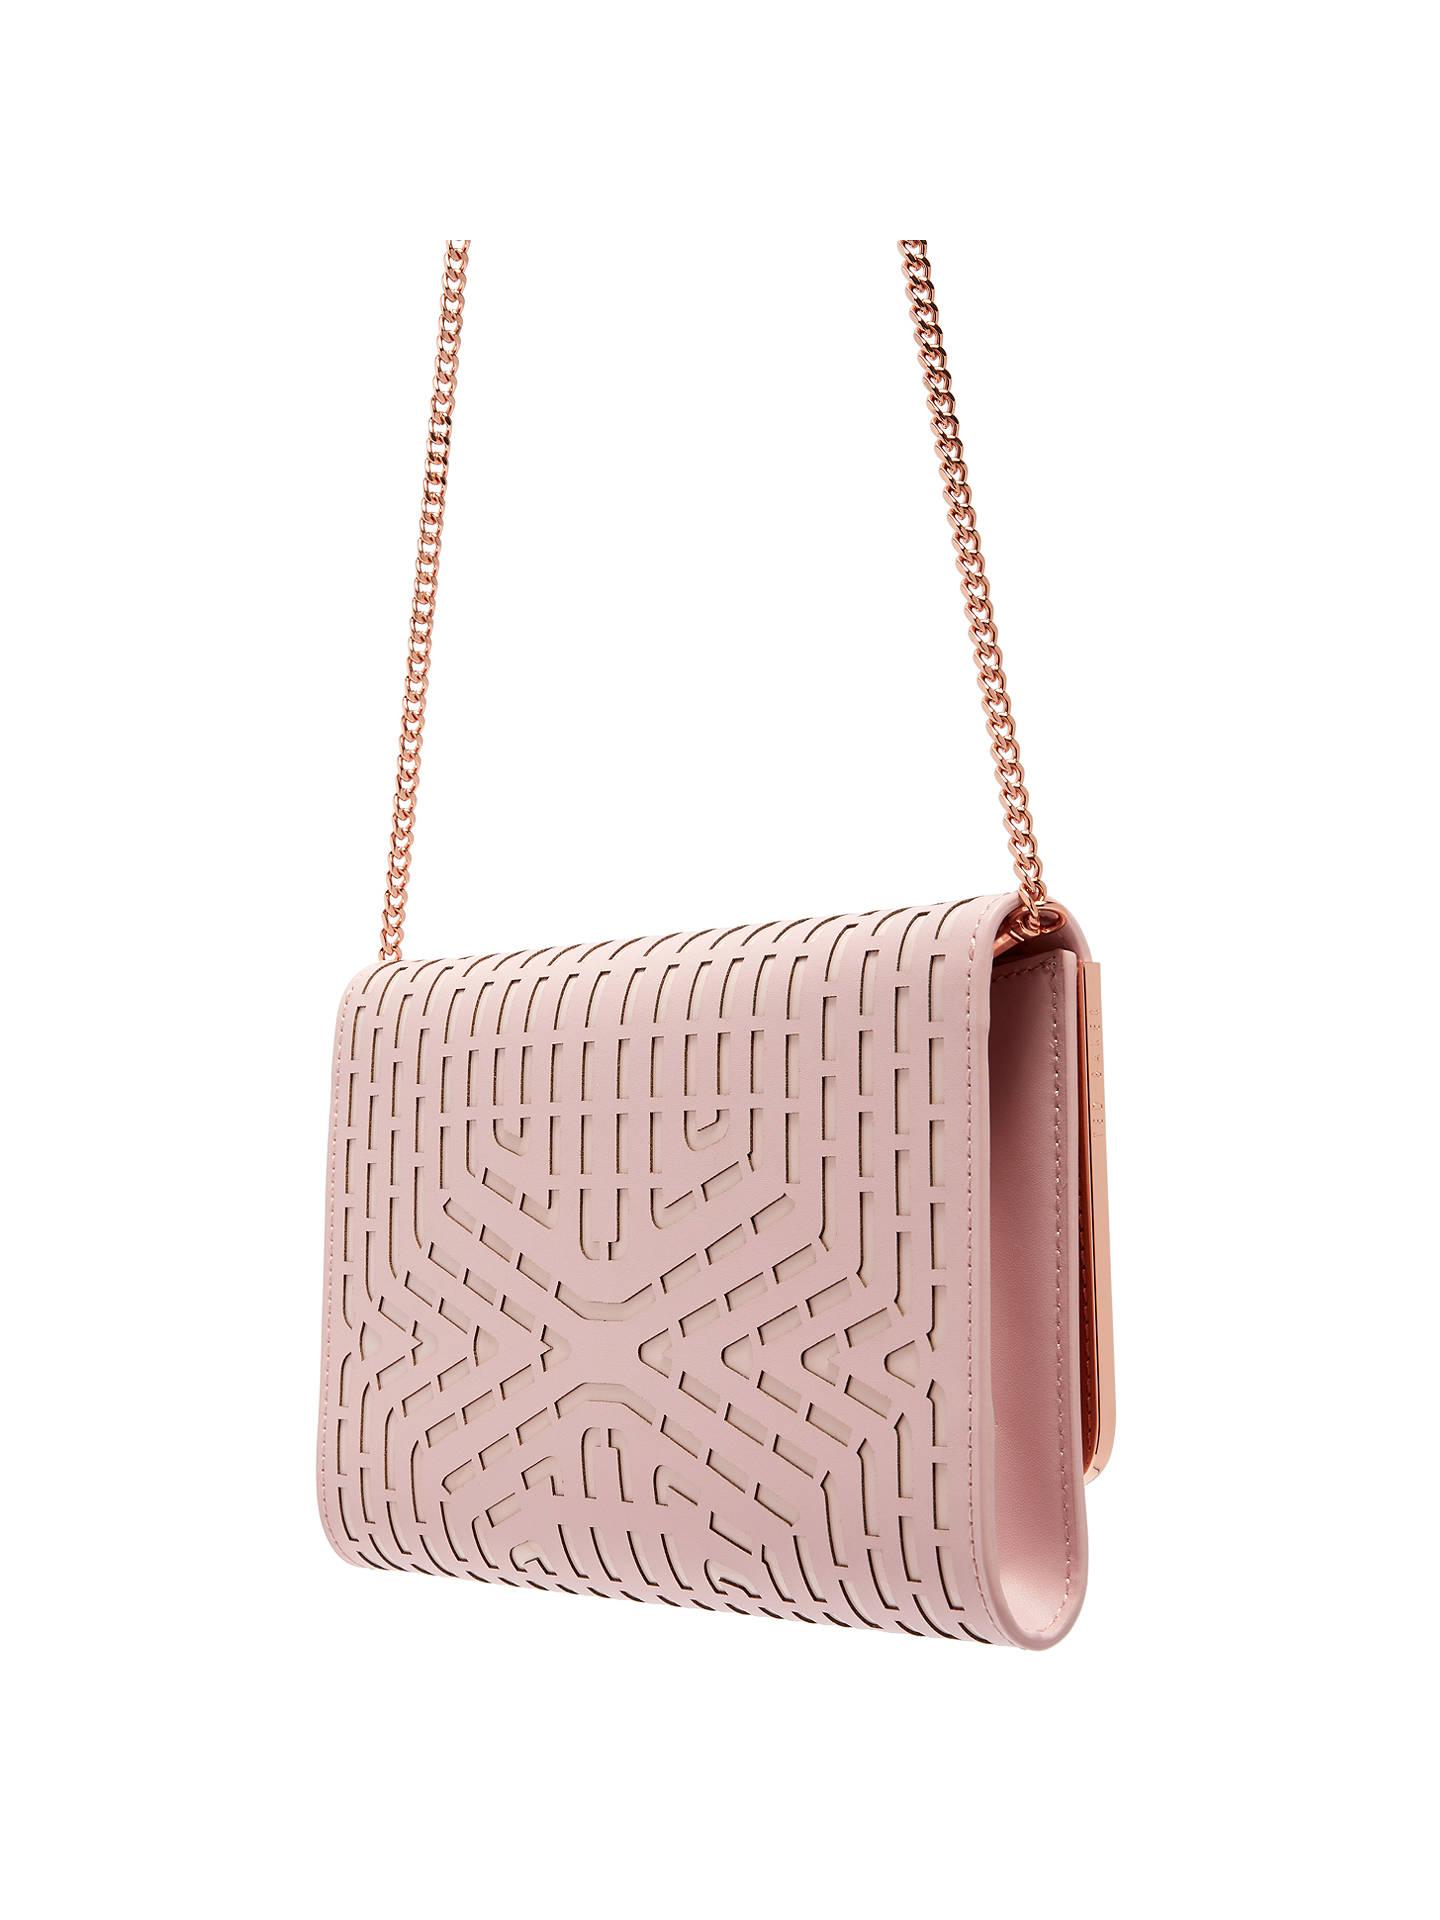 40e868b1504 ... Buy Ted Baker Bree Clutch Bag, Light Pink Online at johnlewis.com